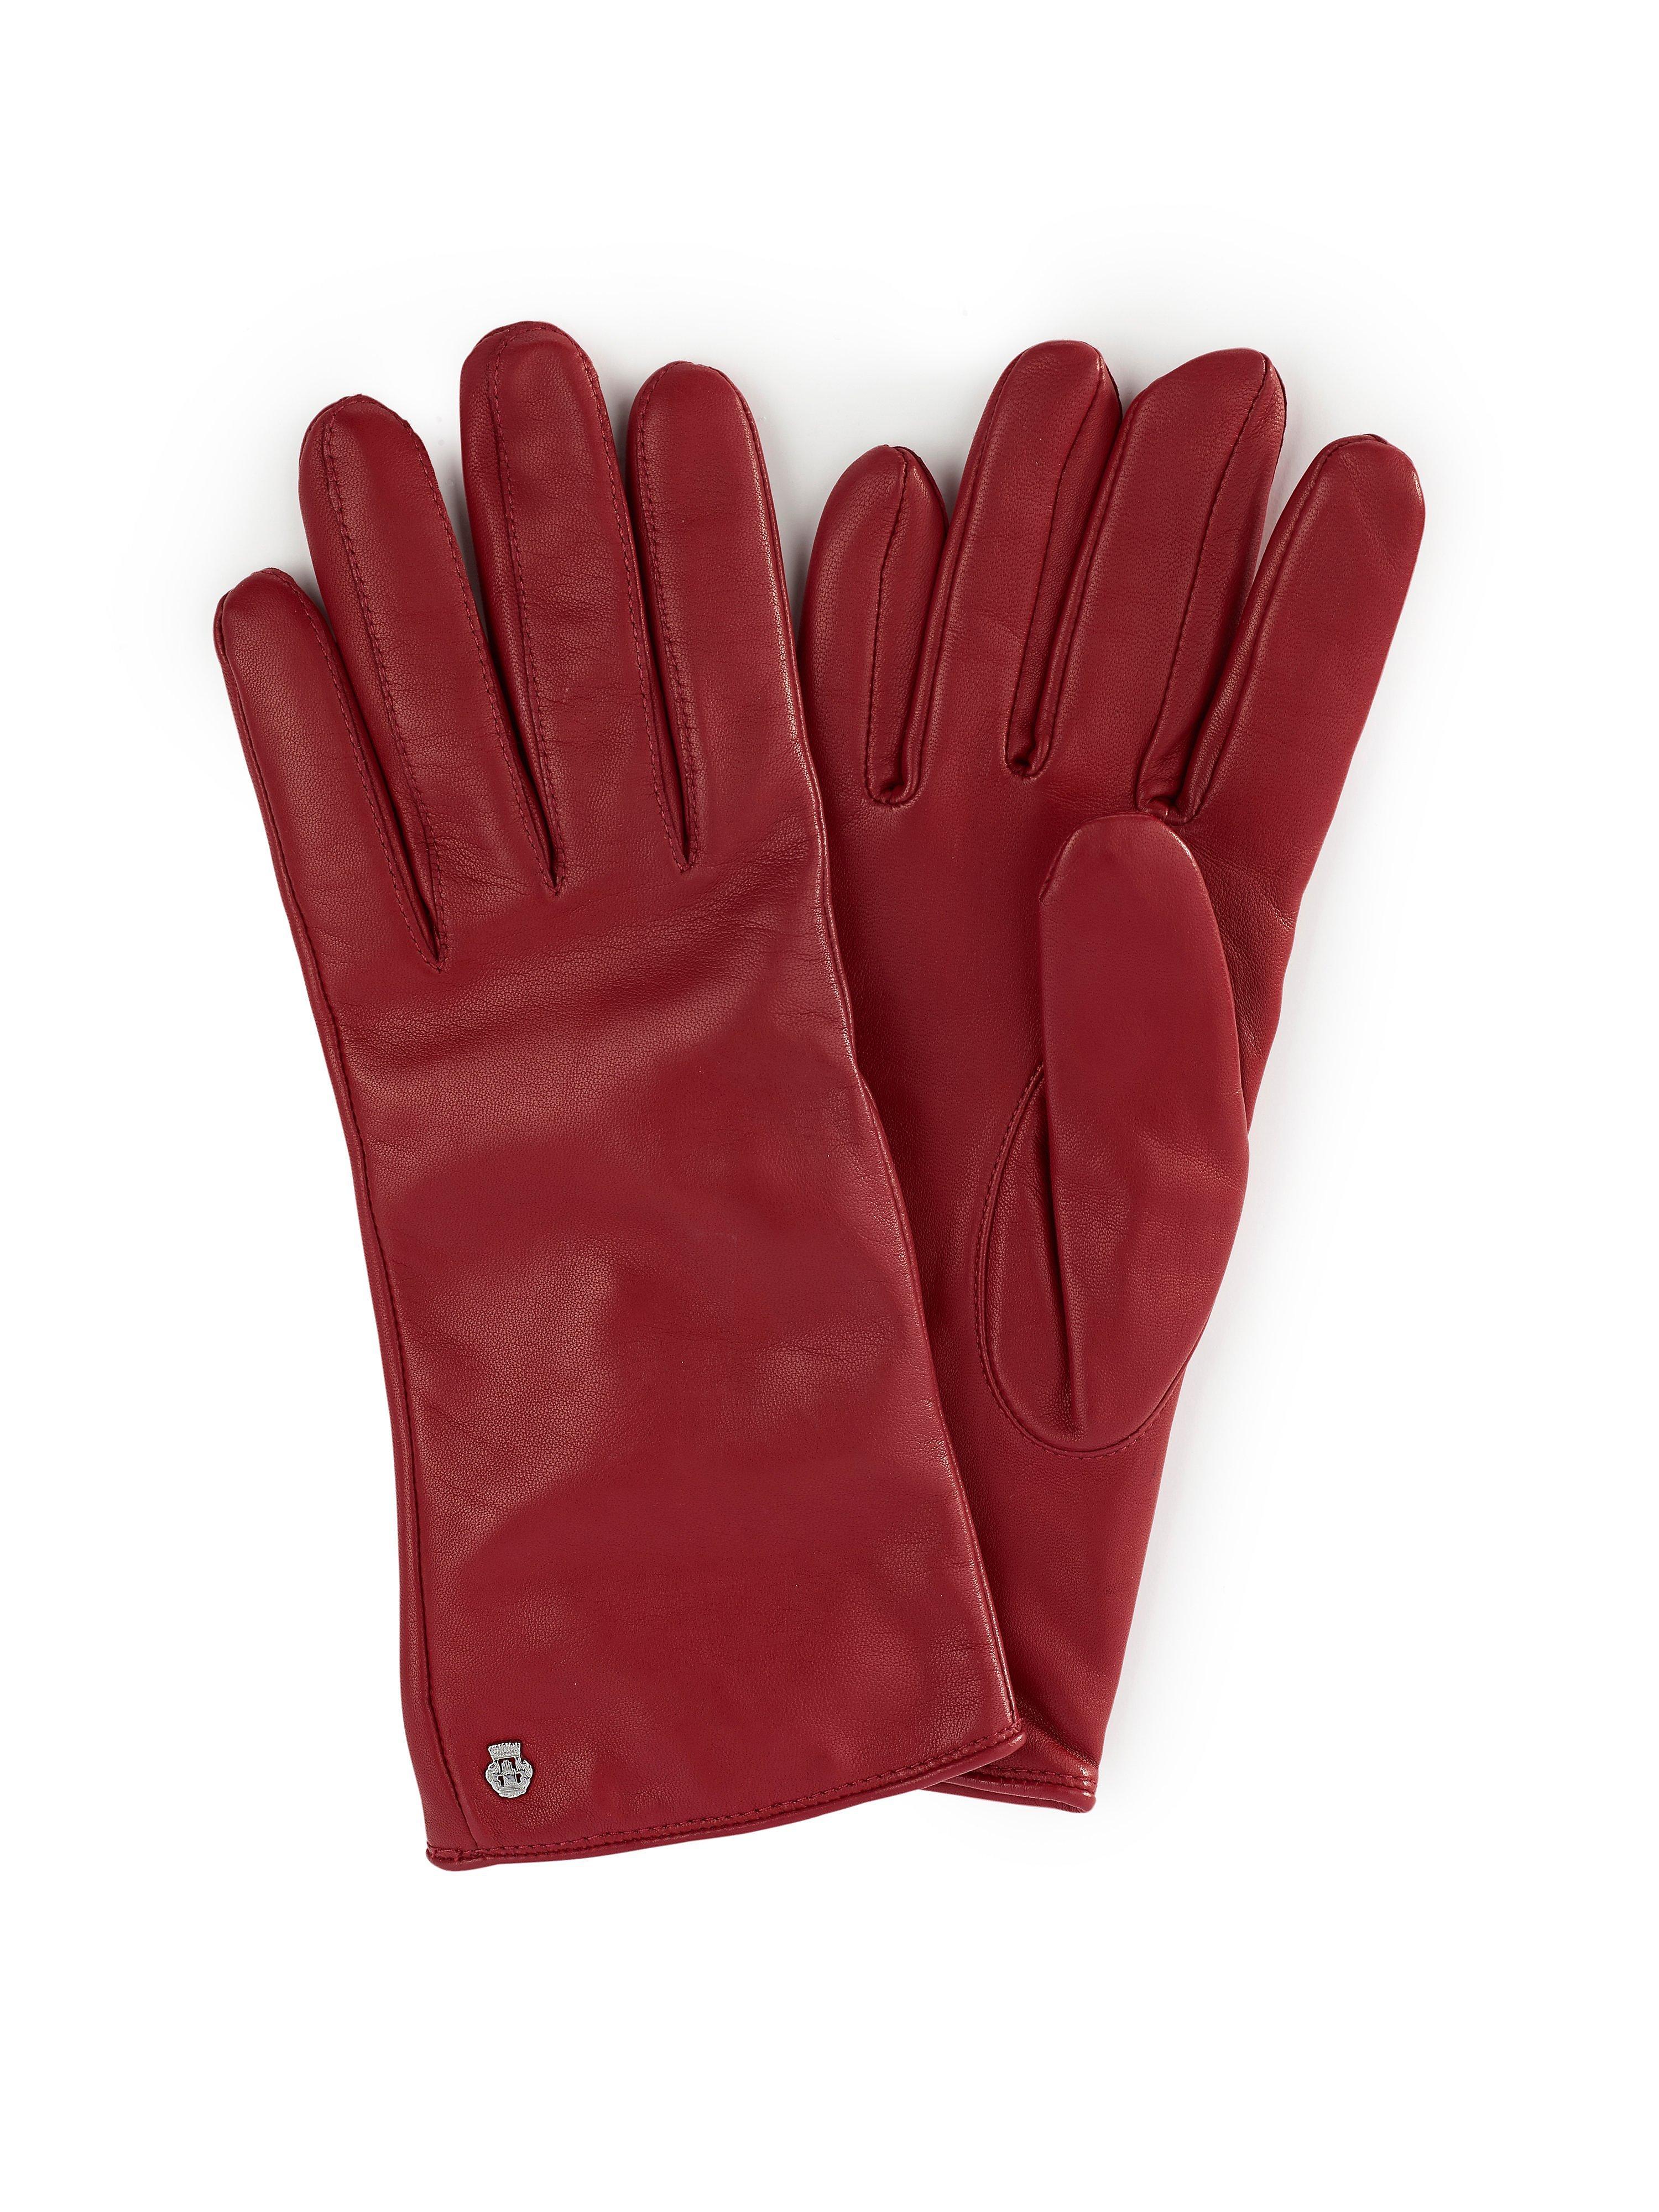 Les gants  Roeckl rouge taille 7